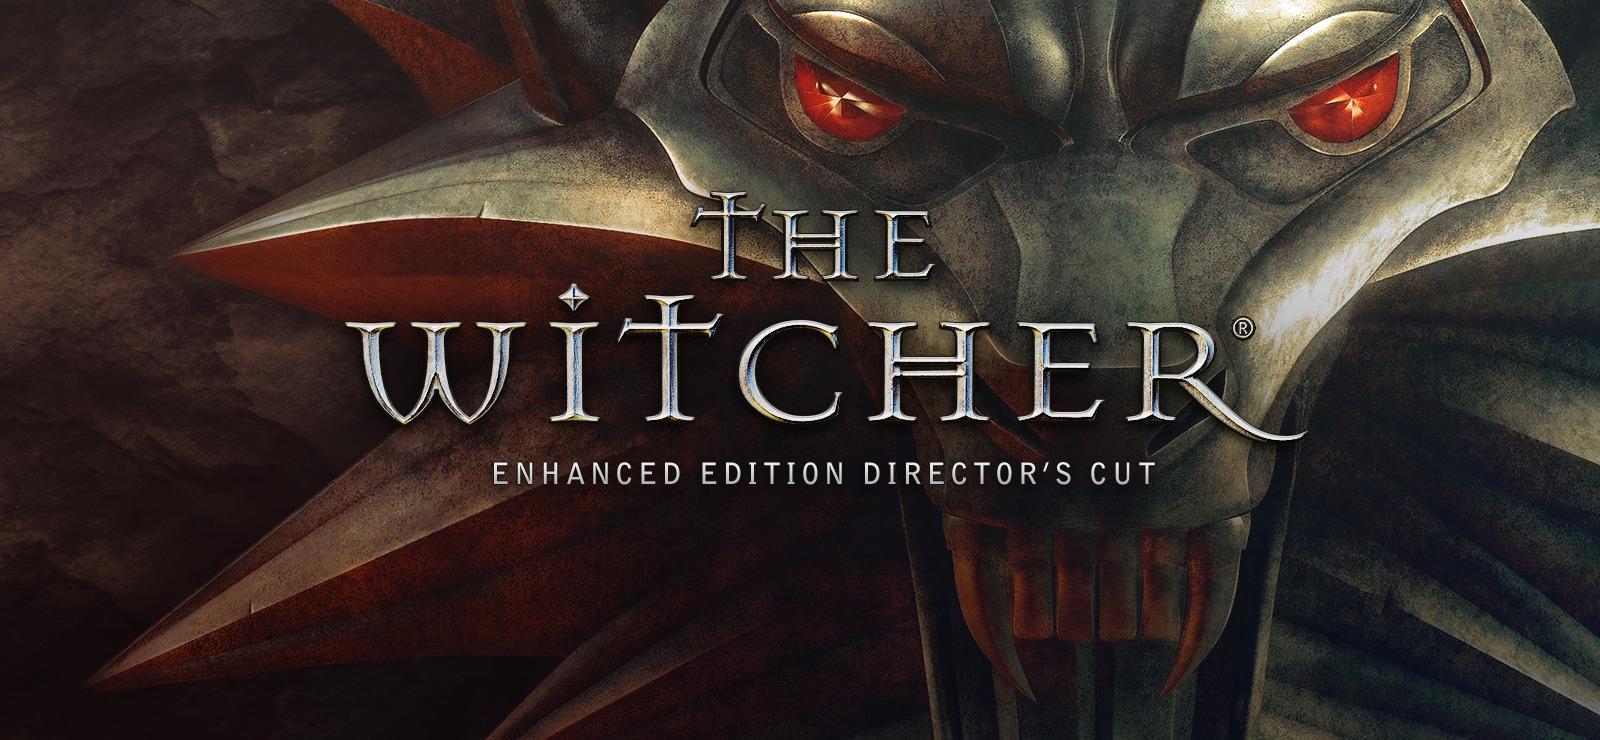 عرضه شدن رایگان بازی The Witcher: Enhanced Editionدر فروشگاه GOG